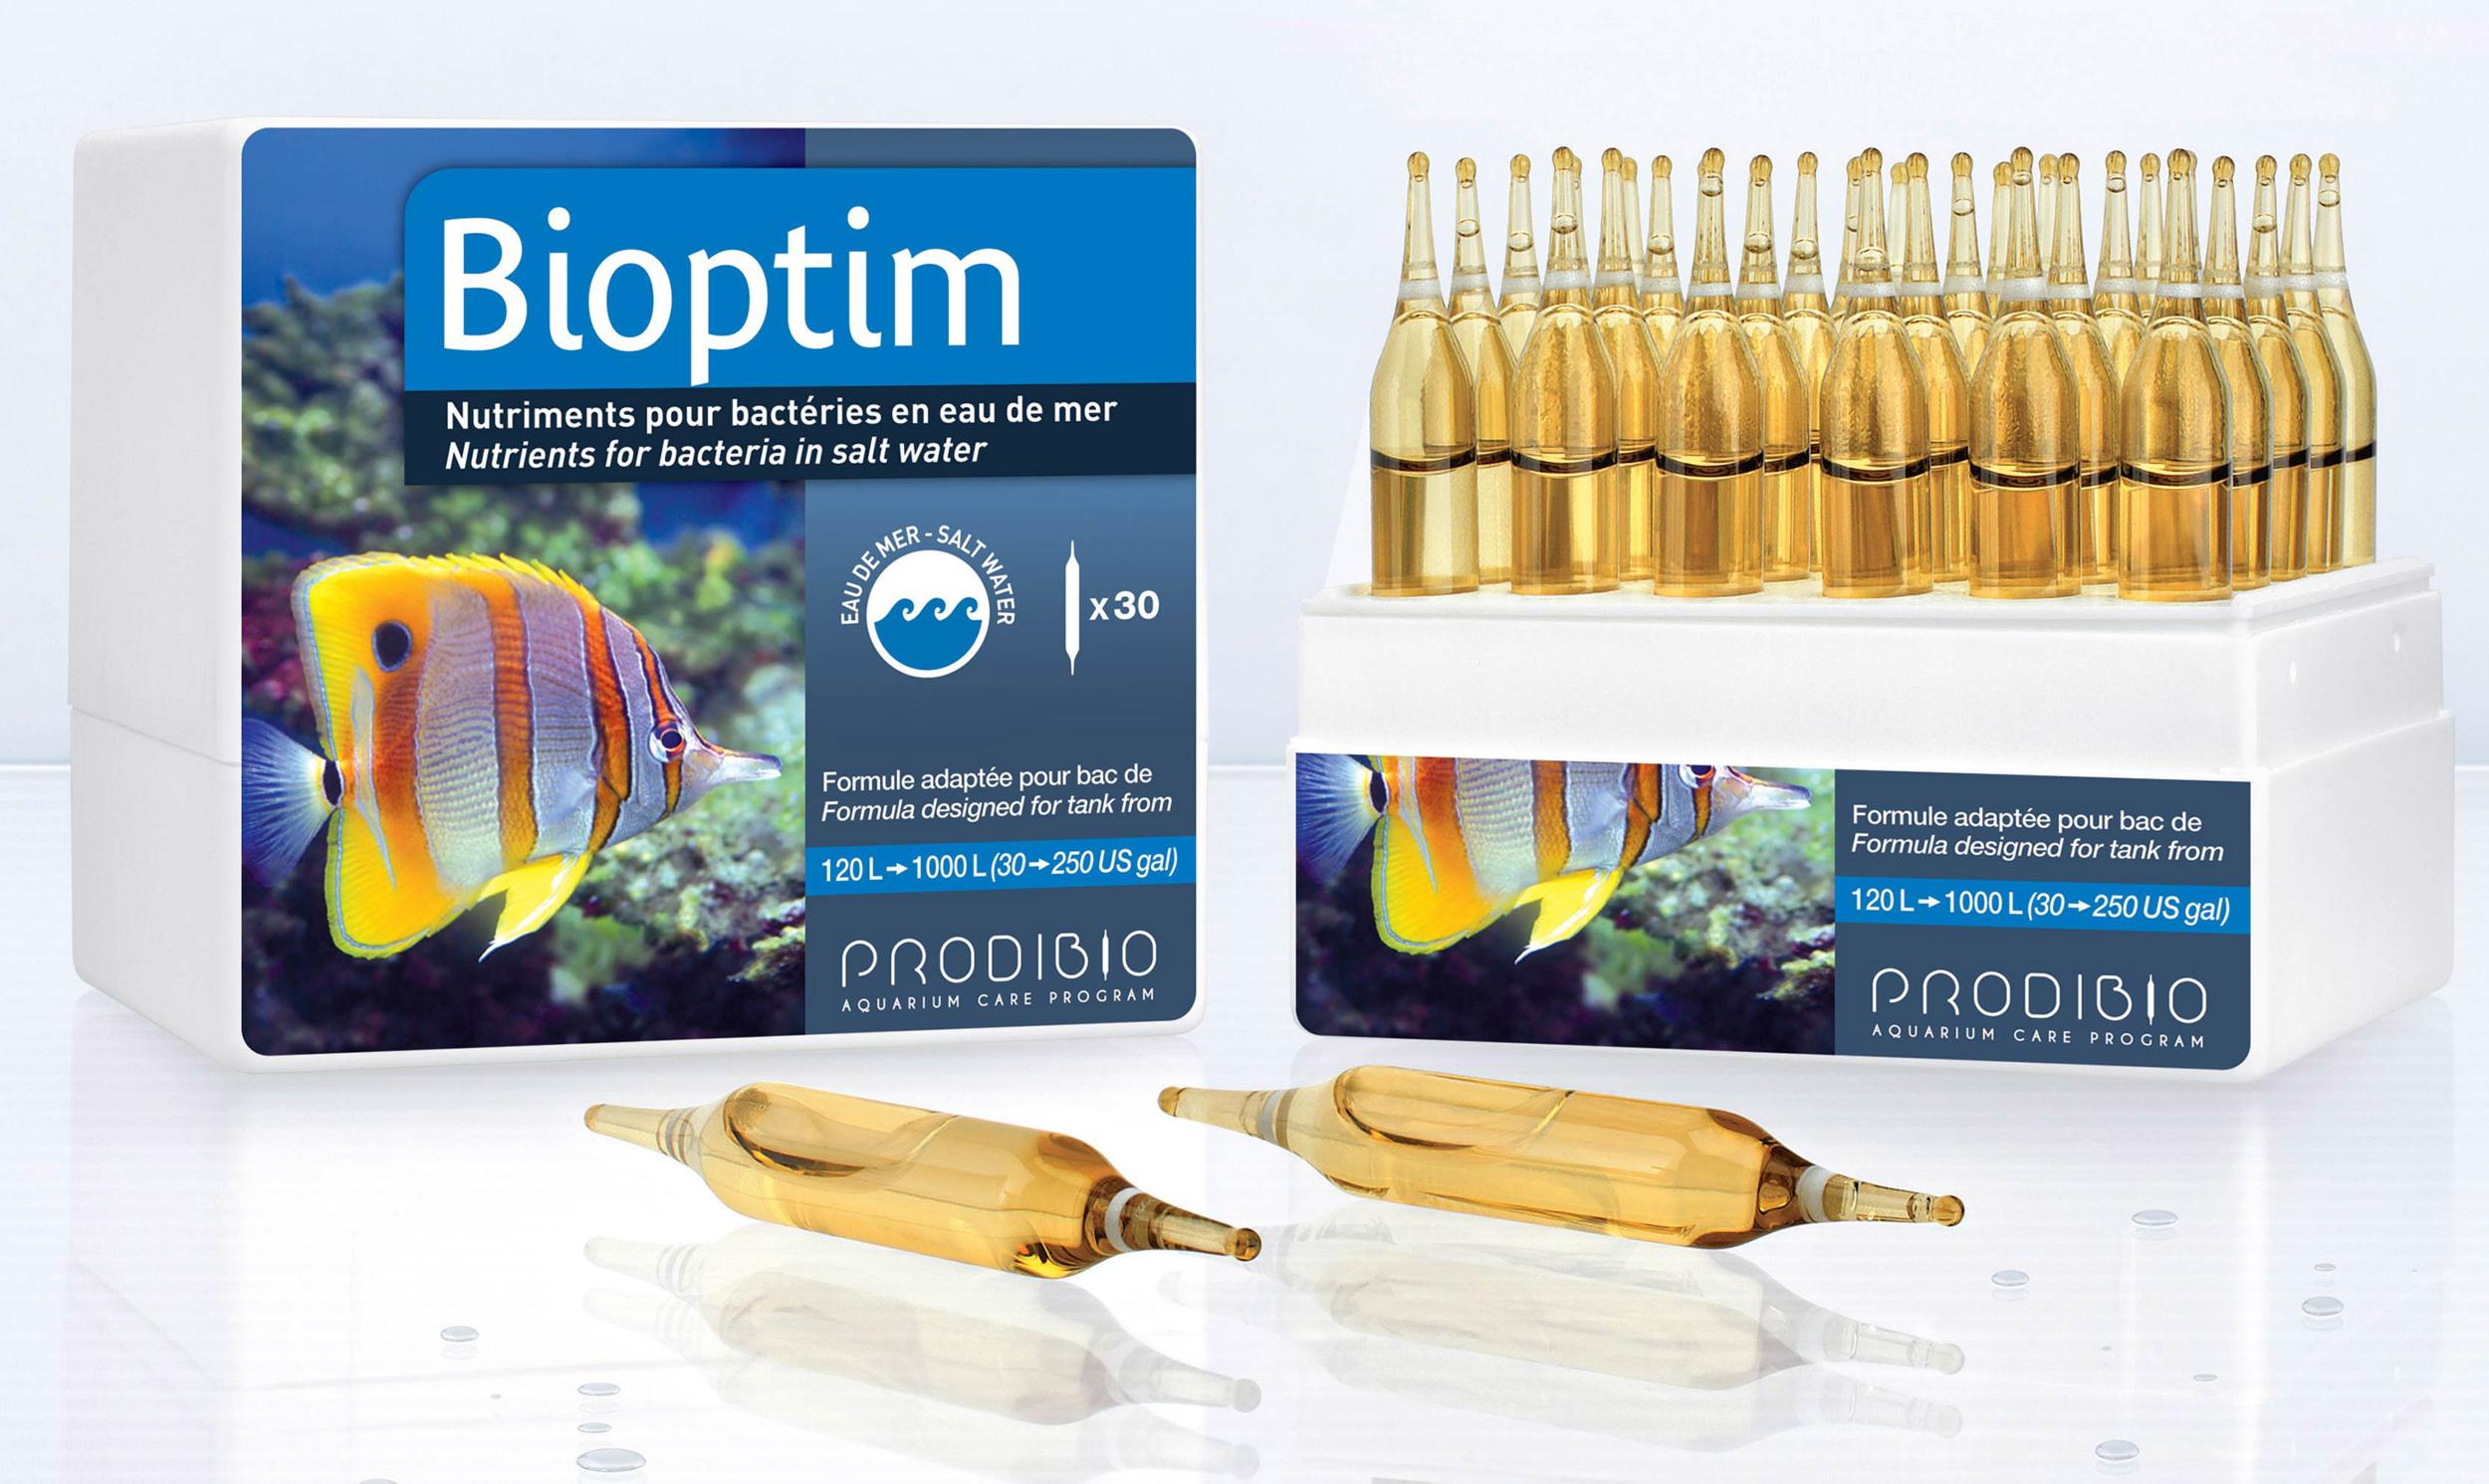 PRODIBIO BioPtim 30 ampoules complément bactérien en ampoules pour eau de mer. Traite jusqu\'à 6000 L